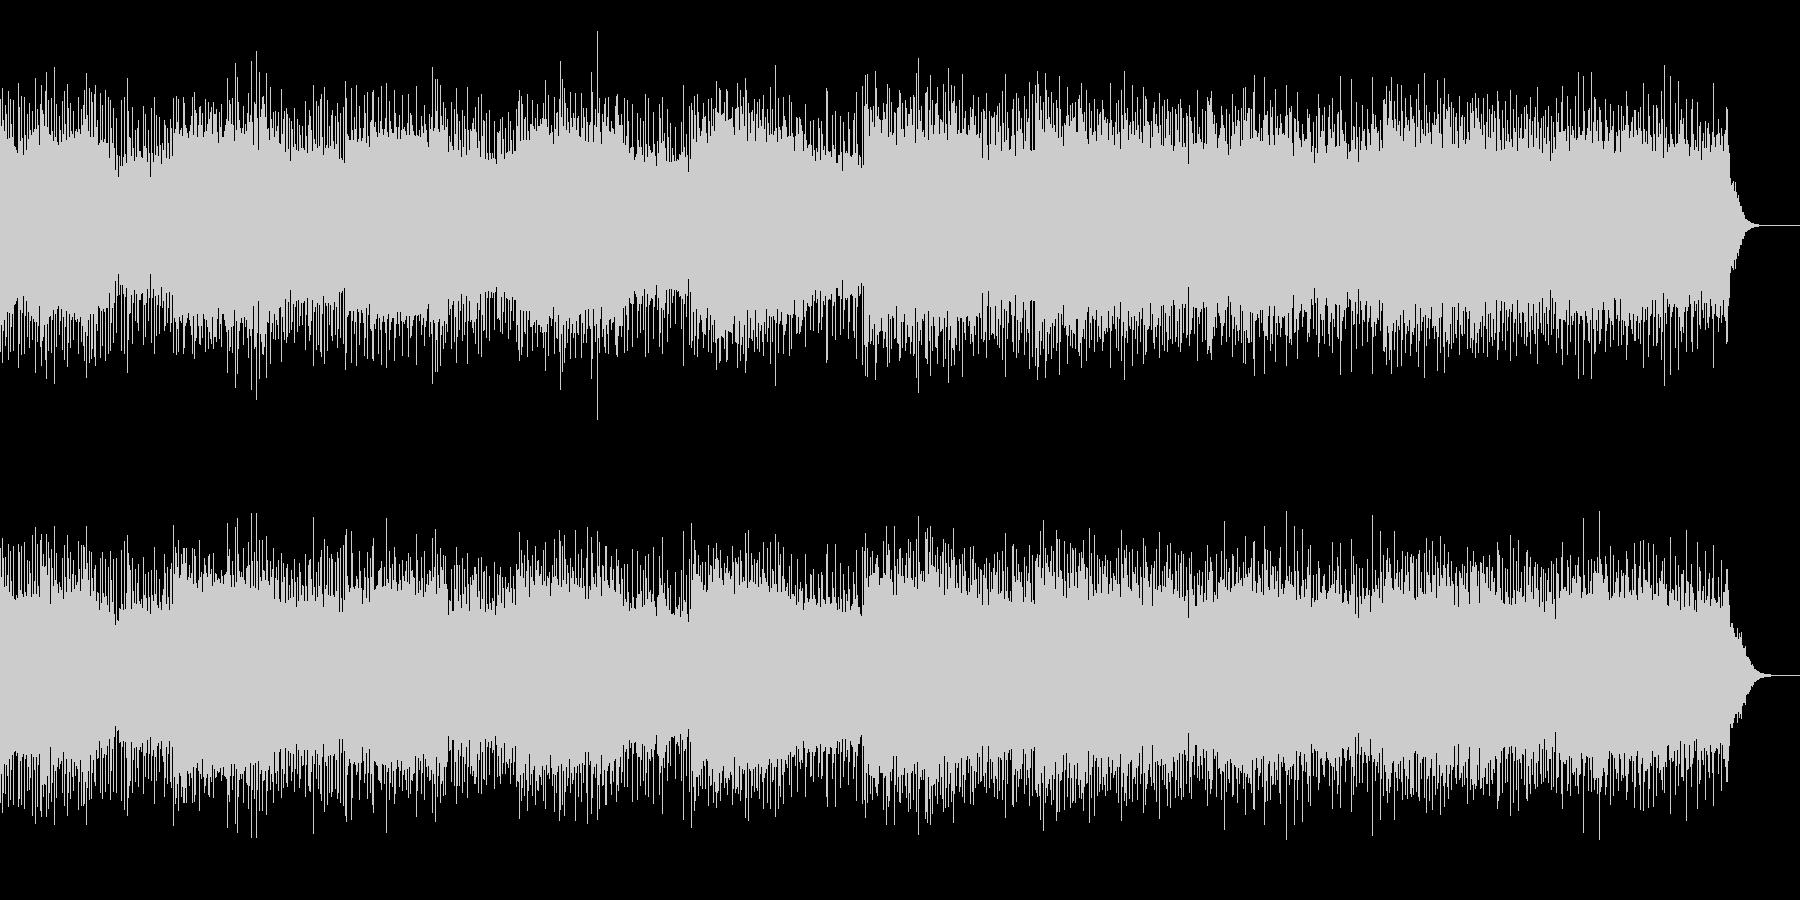 メロディーのないオルタナティブロックの未再生の波形